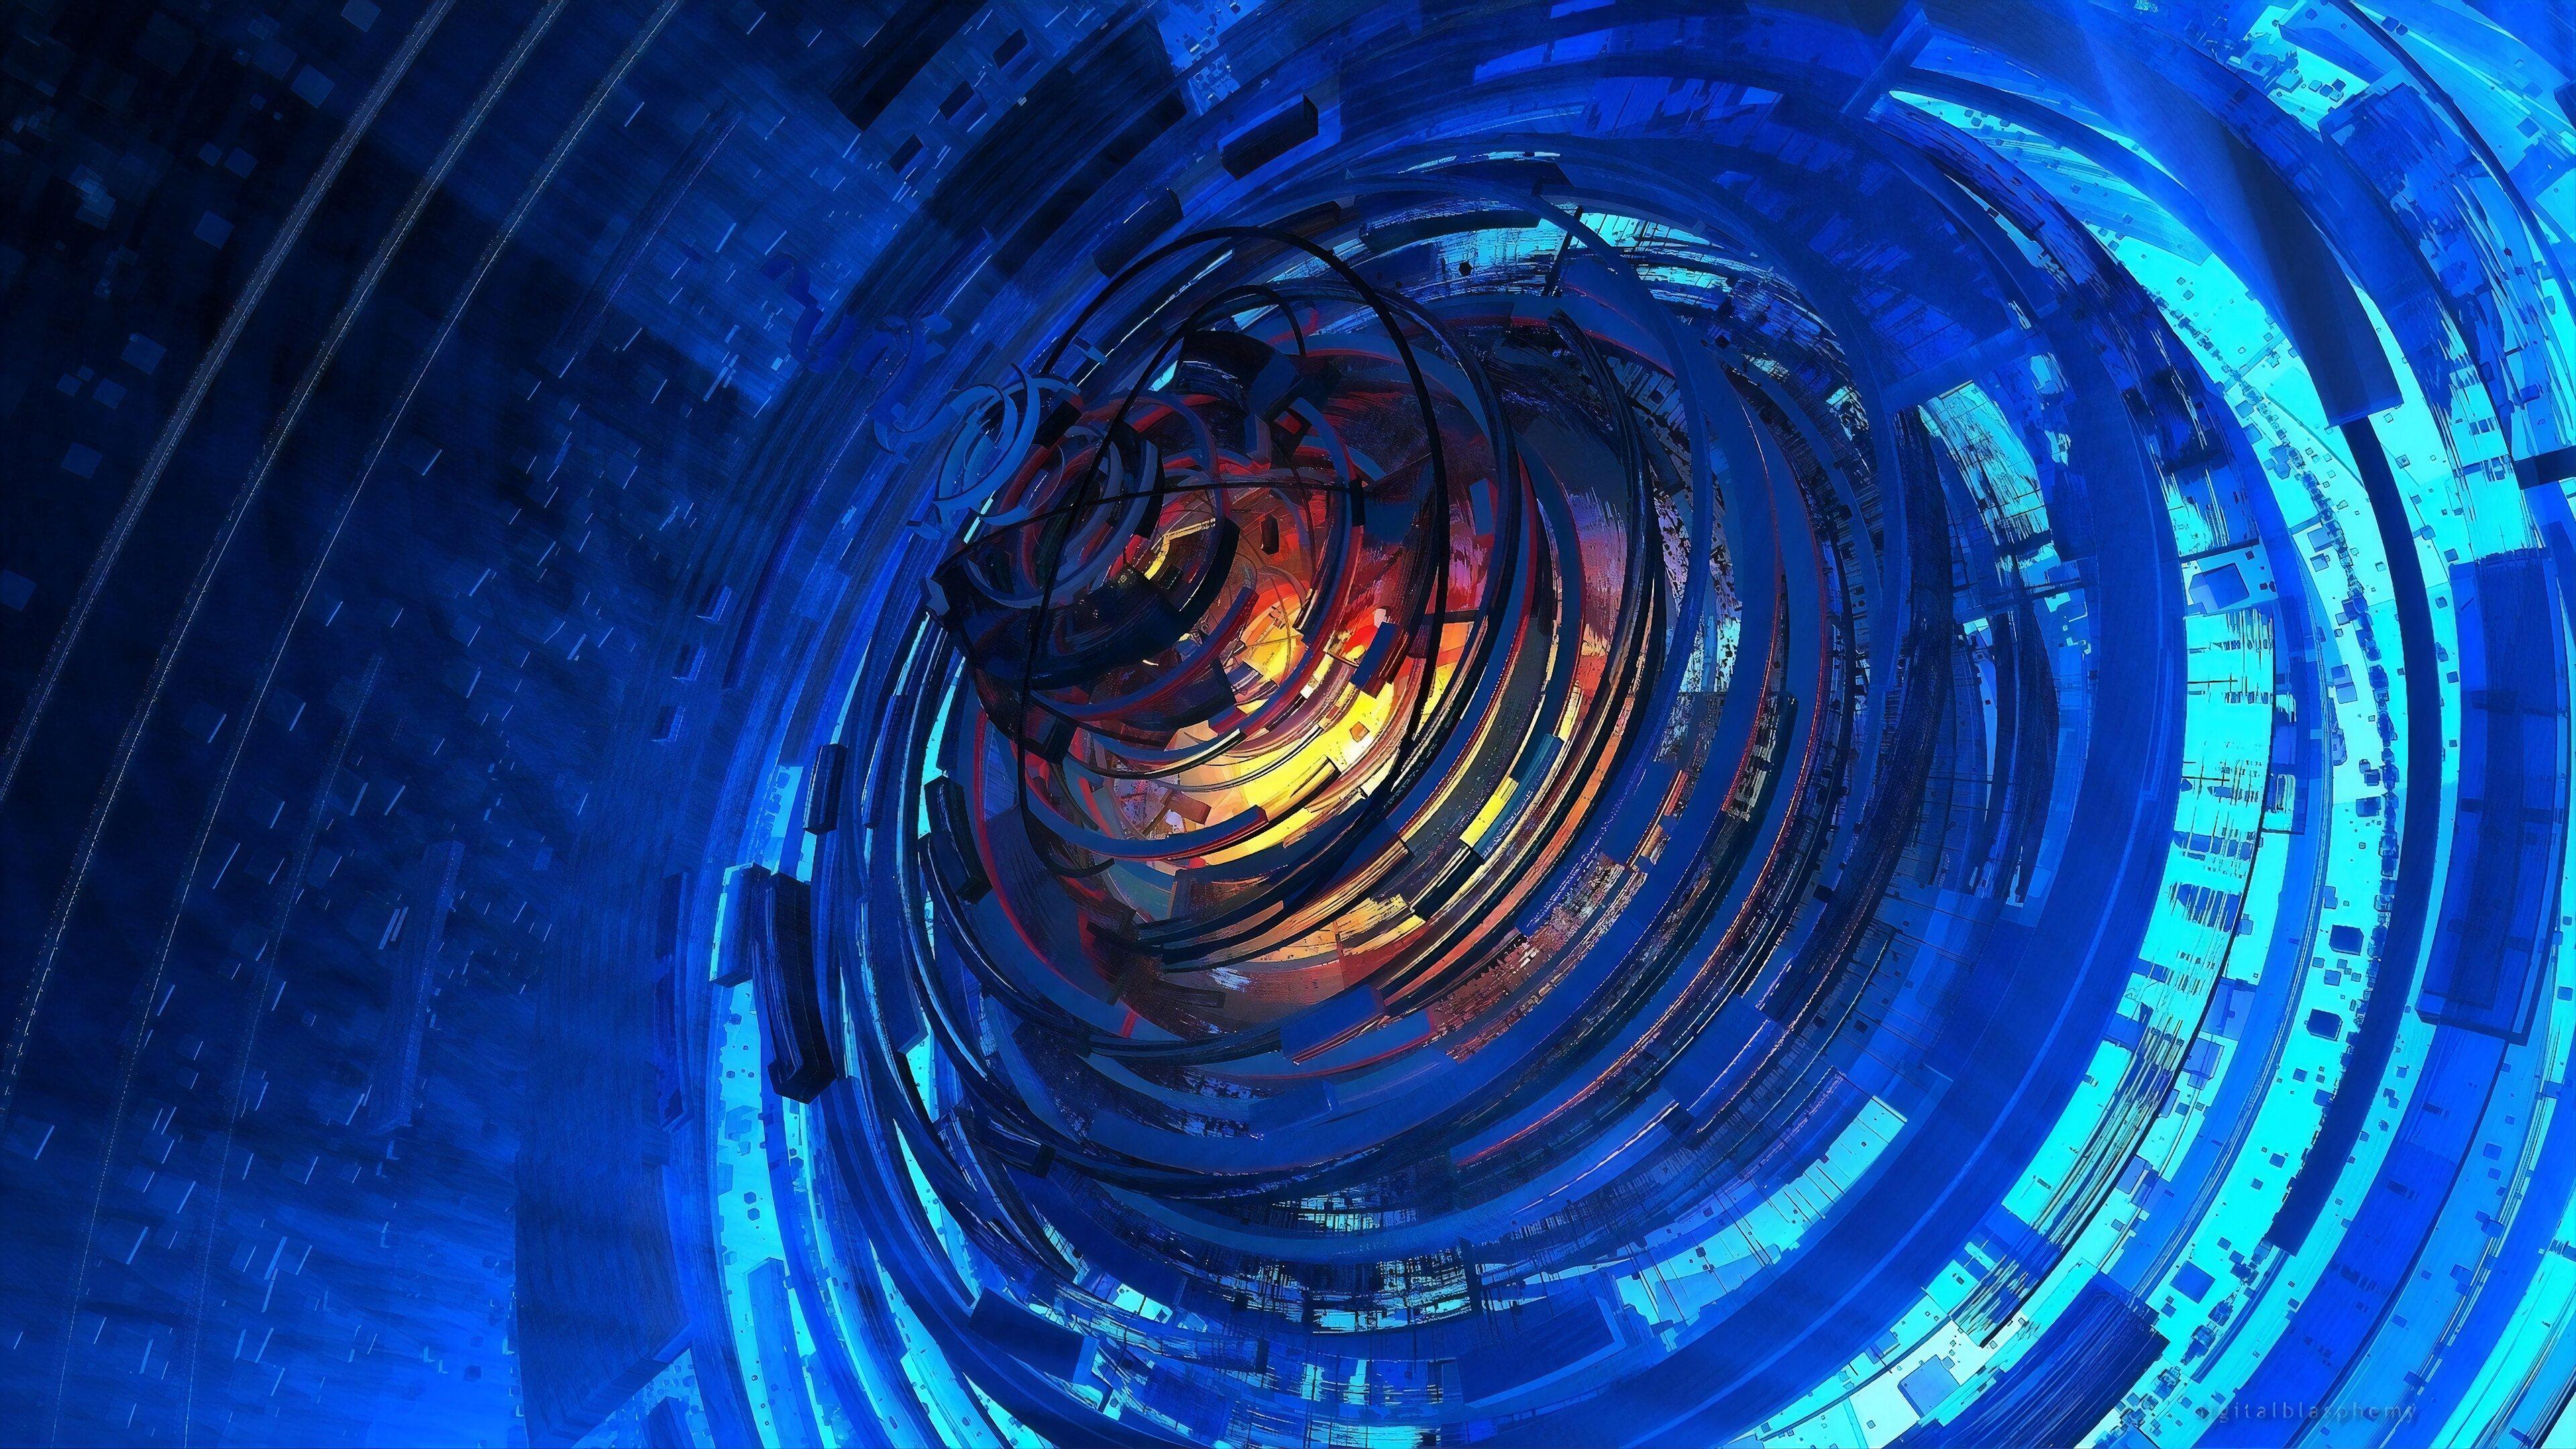 Fondos de pantalla Espiral tecnológico